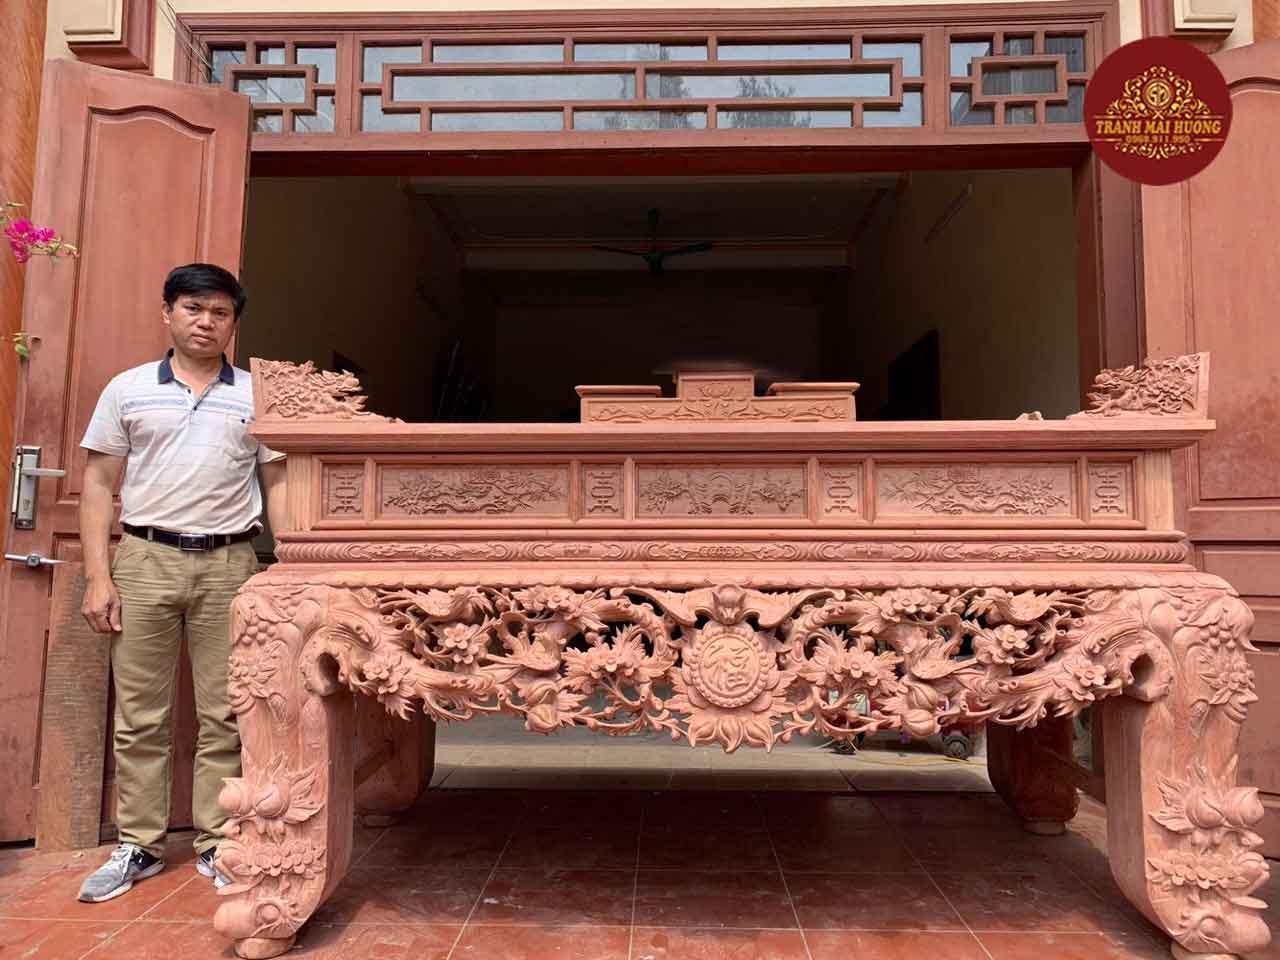 Sập thờ gỗ hương đá chân 24 hàng vip